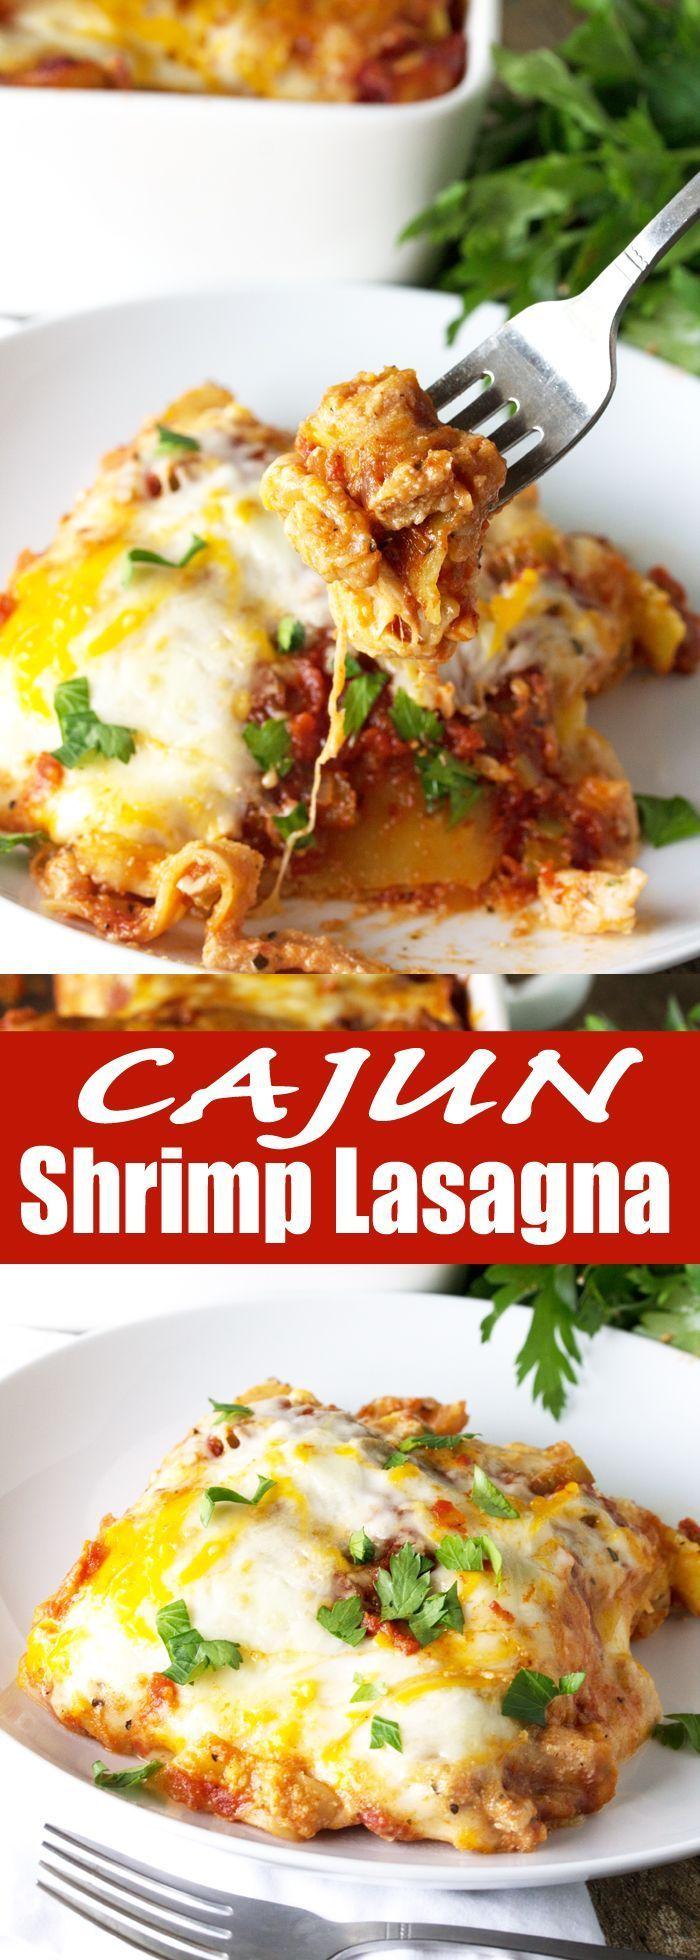 Cajun Shrimp Lasagna | The Stay At Home Chef